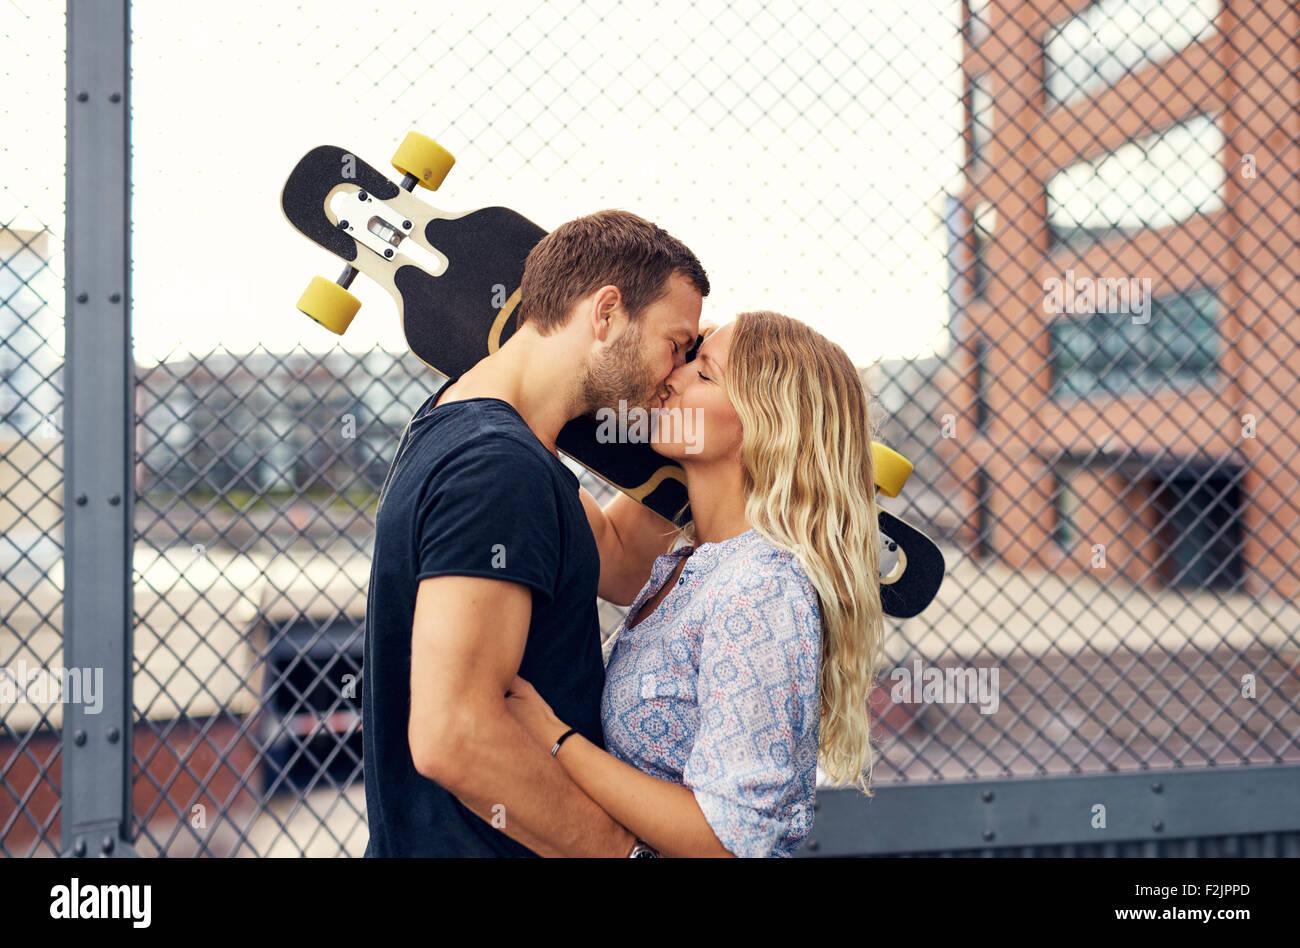 Coppia adorabile kissing permanente, mentre in un parco della città Immagini Stock